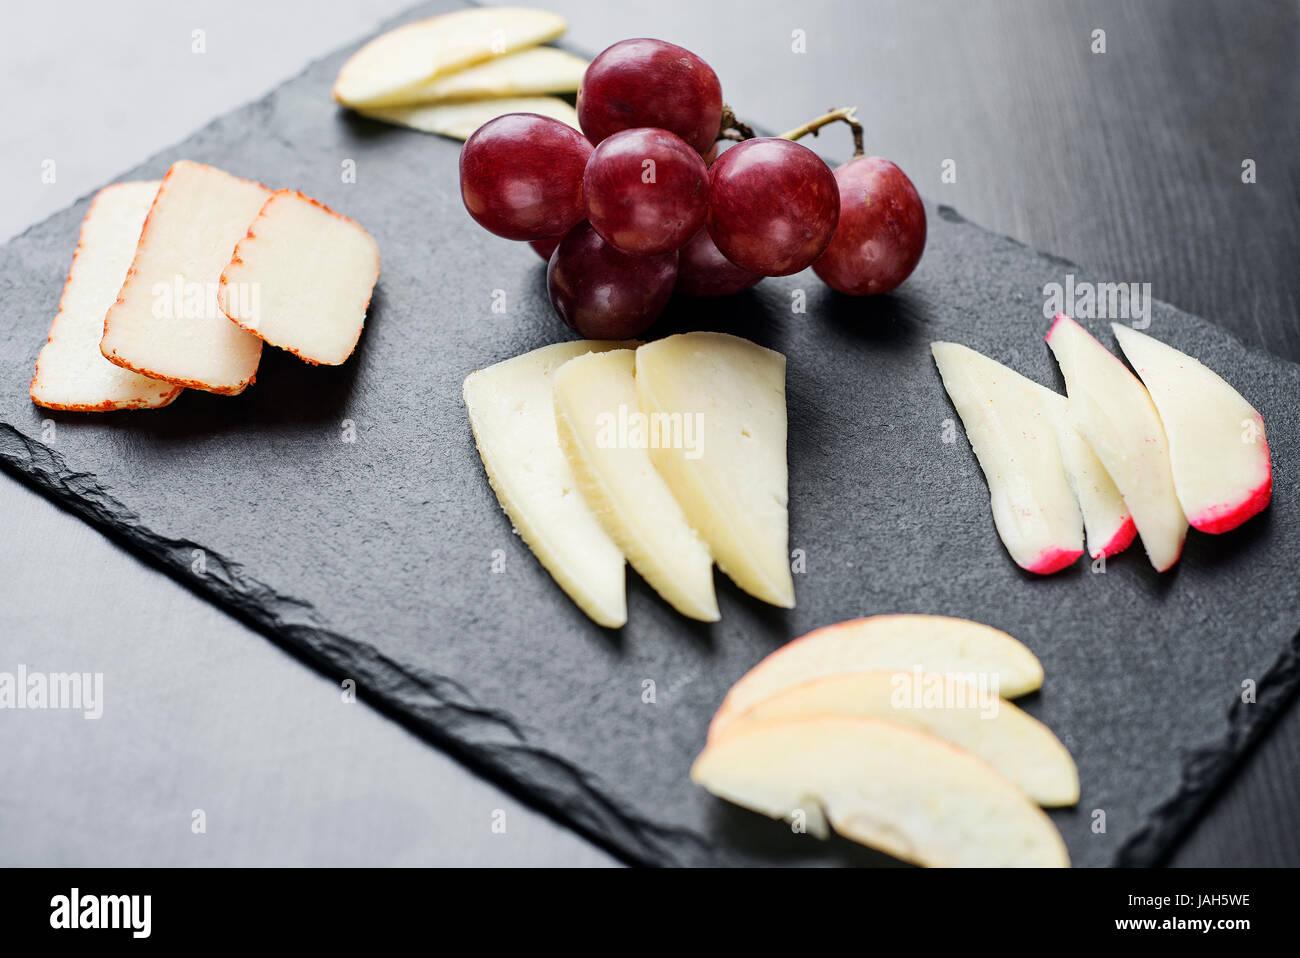 snack-Gourmet-gemischte Käse Board Tapas Vorspeise mit Apfel und Trauben Stockbild